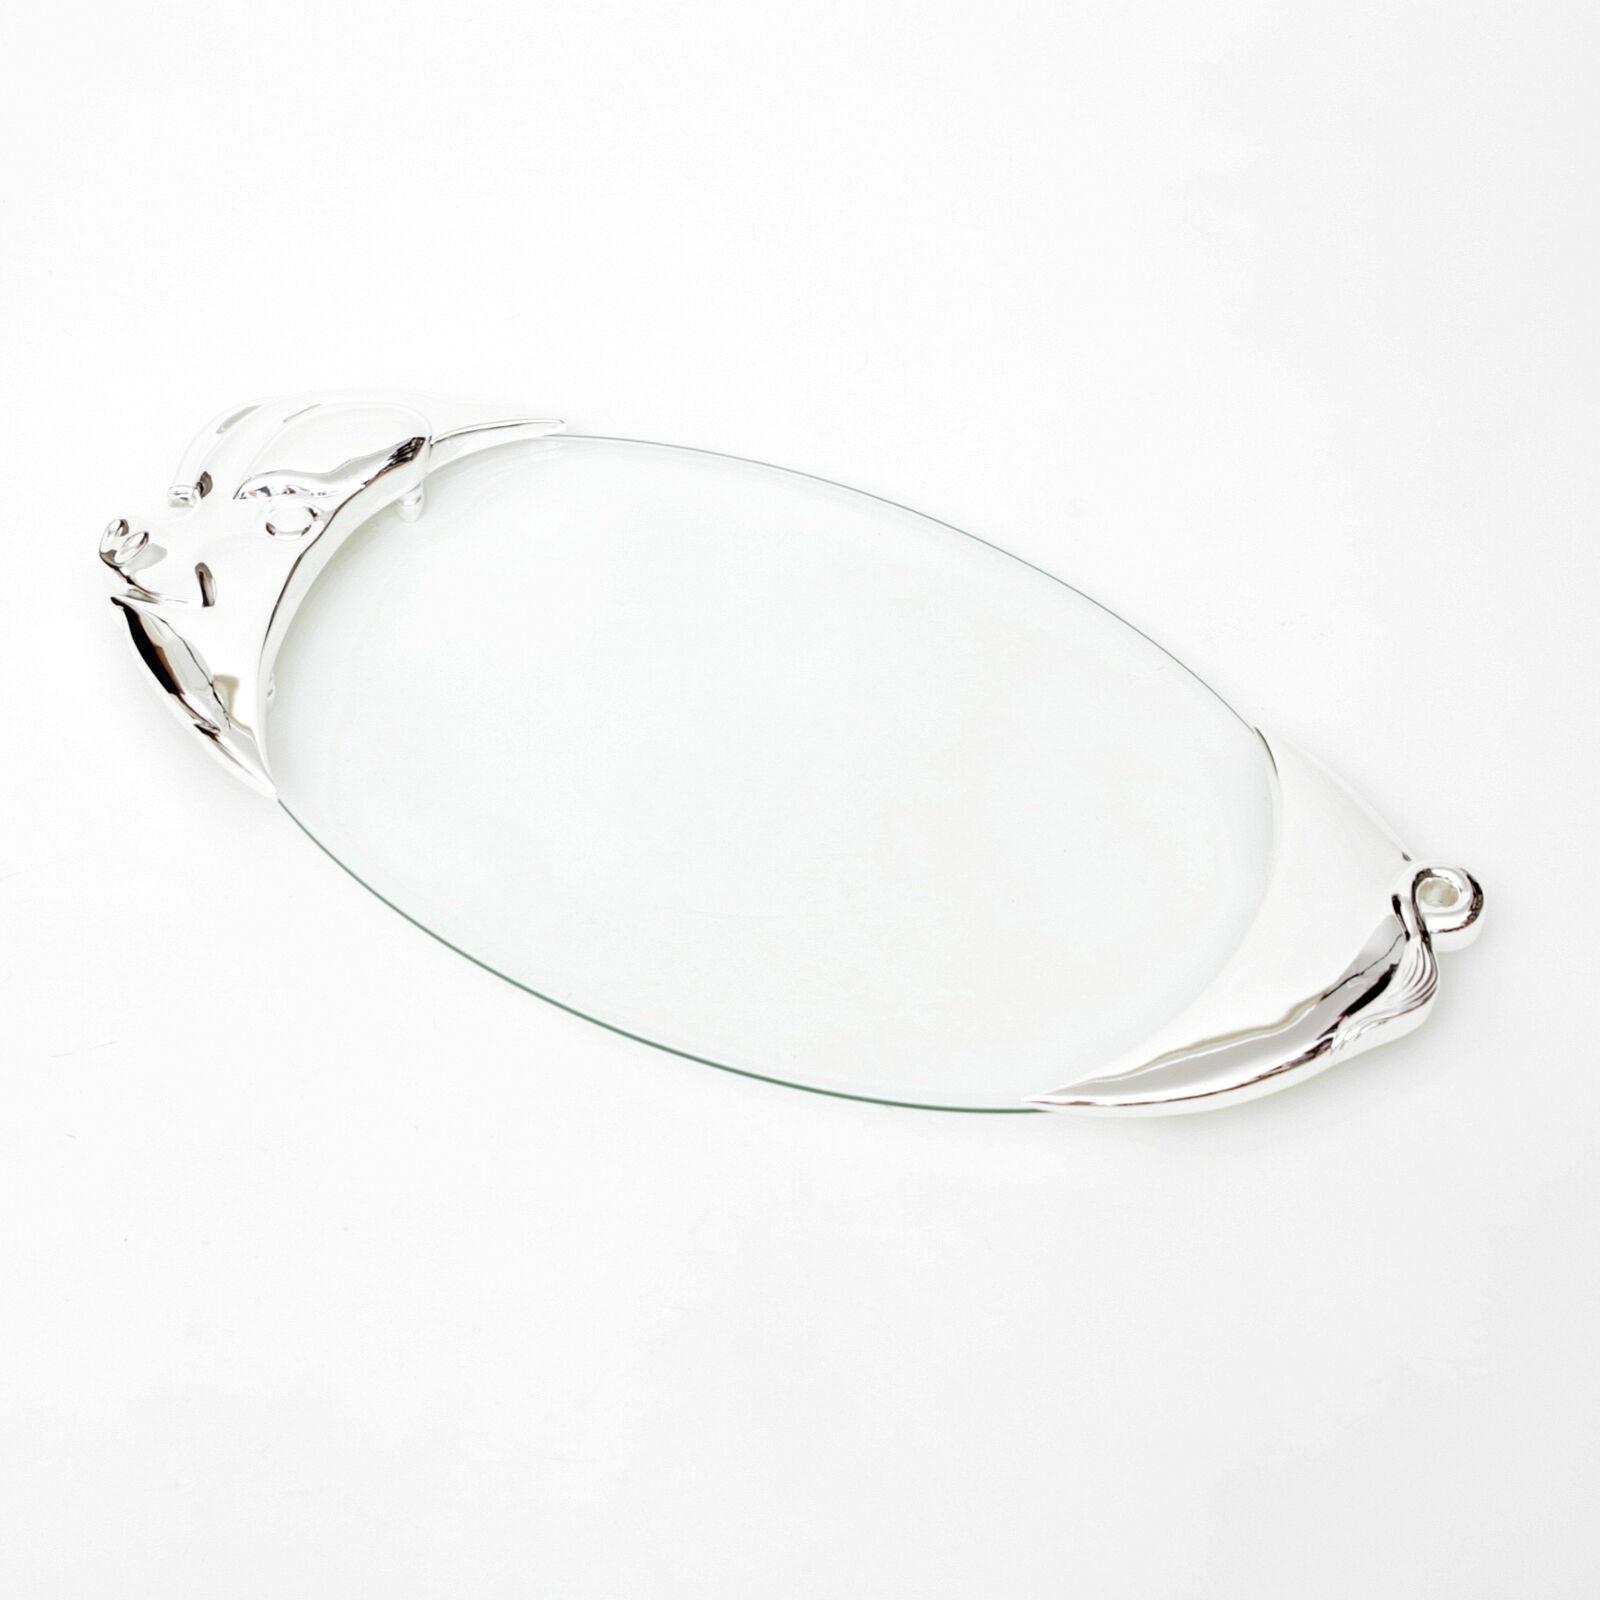 Servierplatte Glas Schweineplatte Versilbert Serieren Von Aufschnitt Tablett